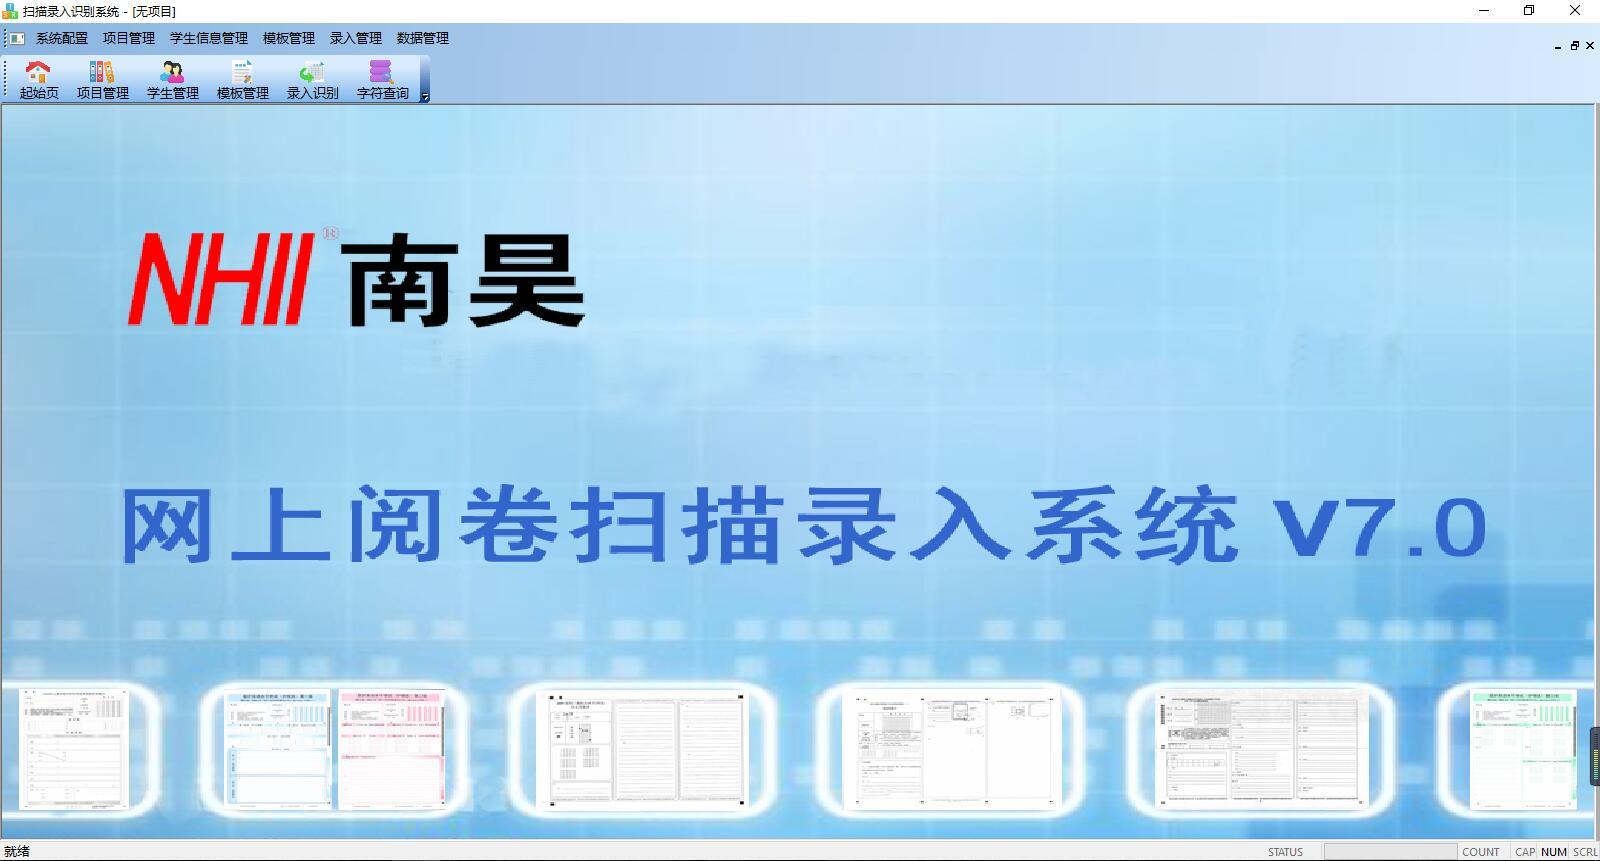 阅卷系统直营 自动阅卷系统售价 新年特惠|新闻动态-河北文柏云考科技发展有限公司